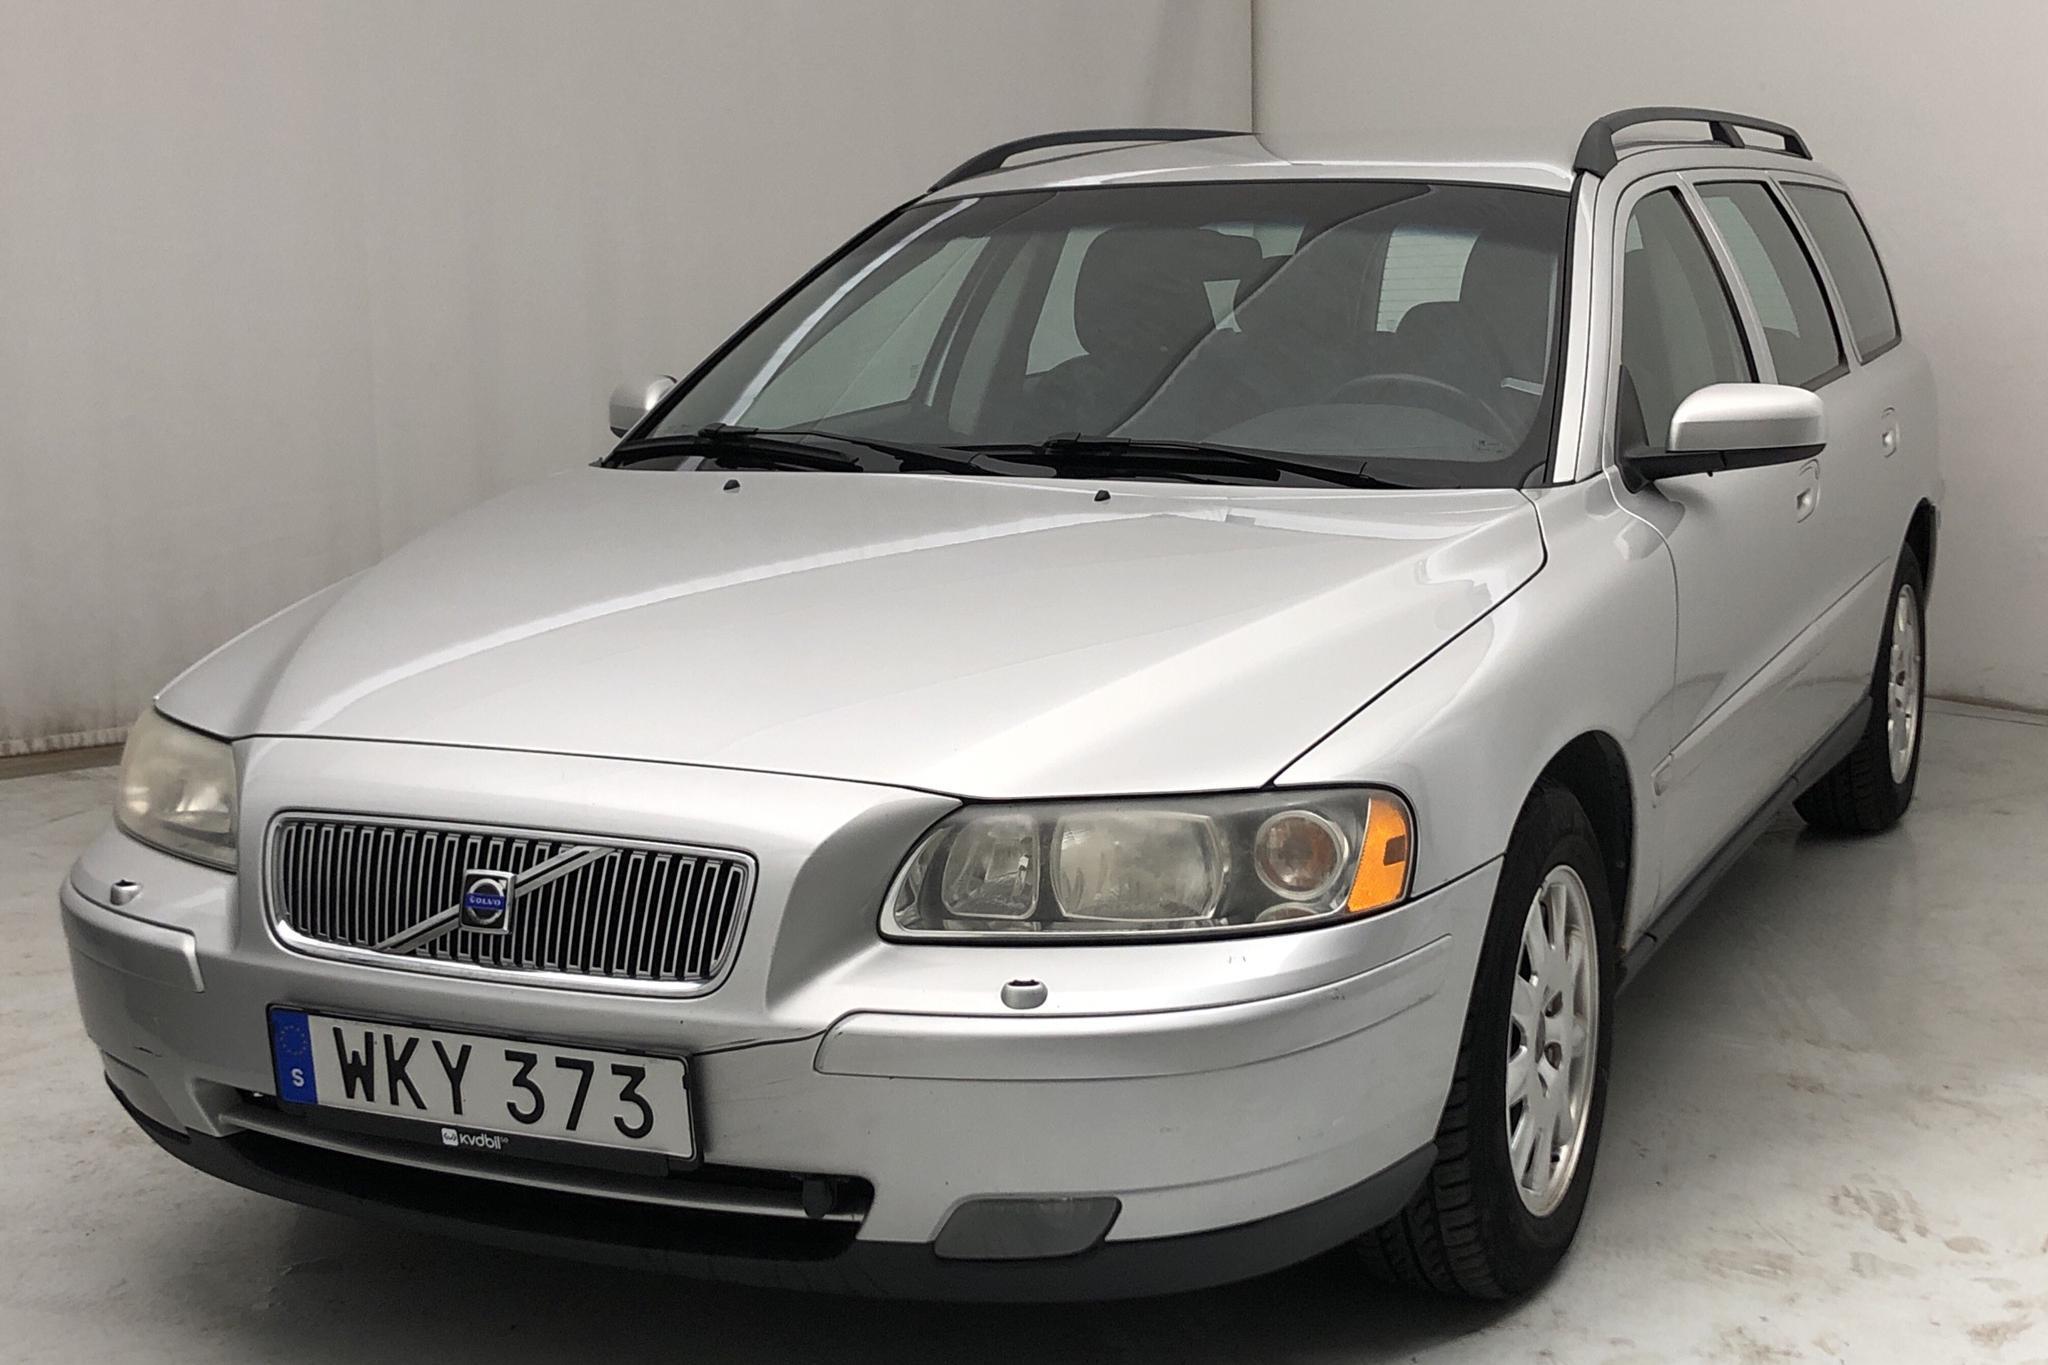 Volvo V70 2.4 (140hk) - 17 385 mil - Manuell - Light Grey - 2005